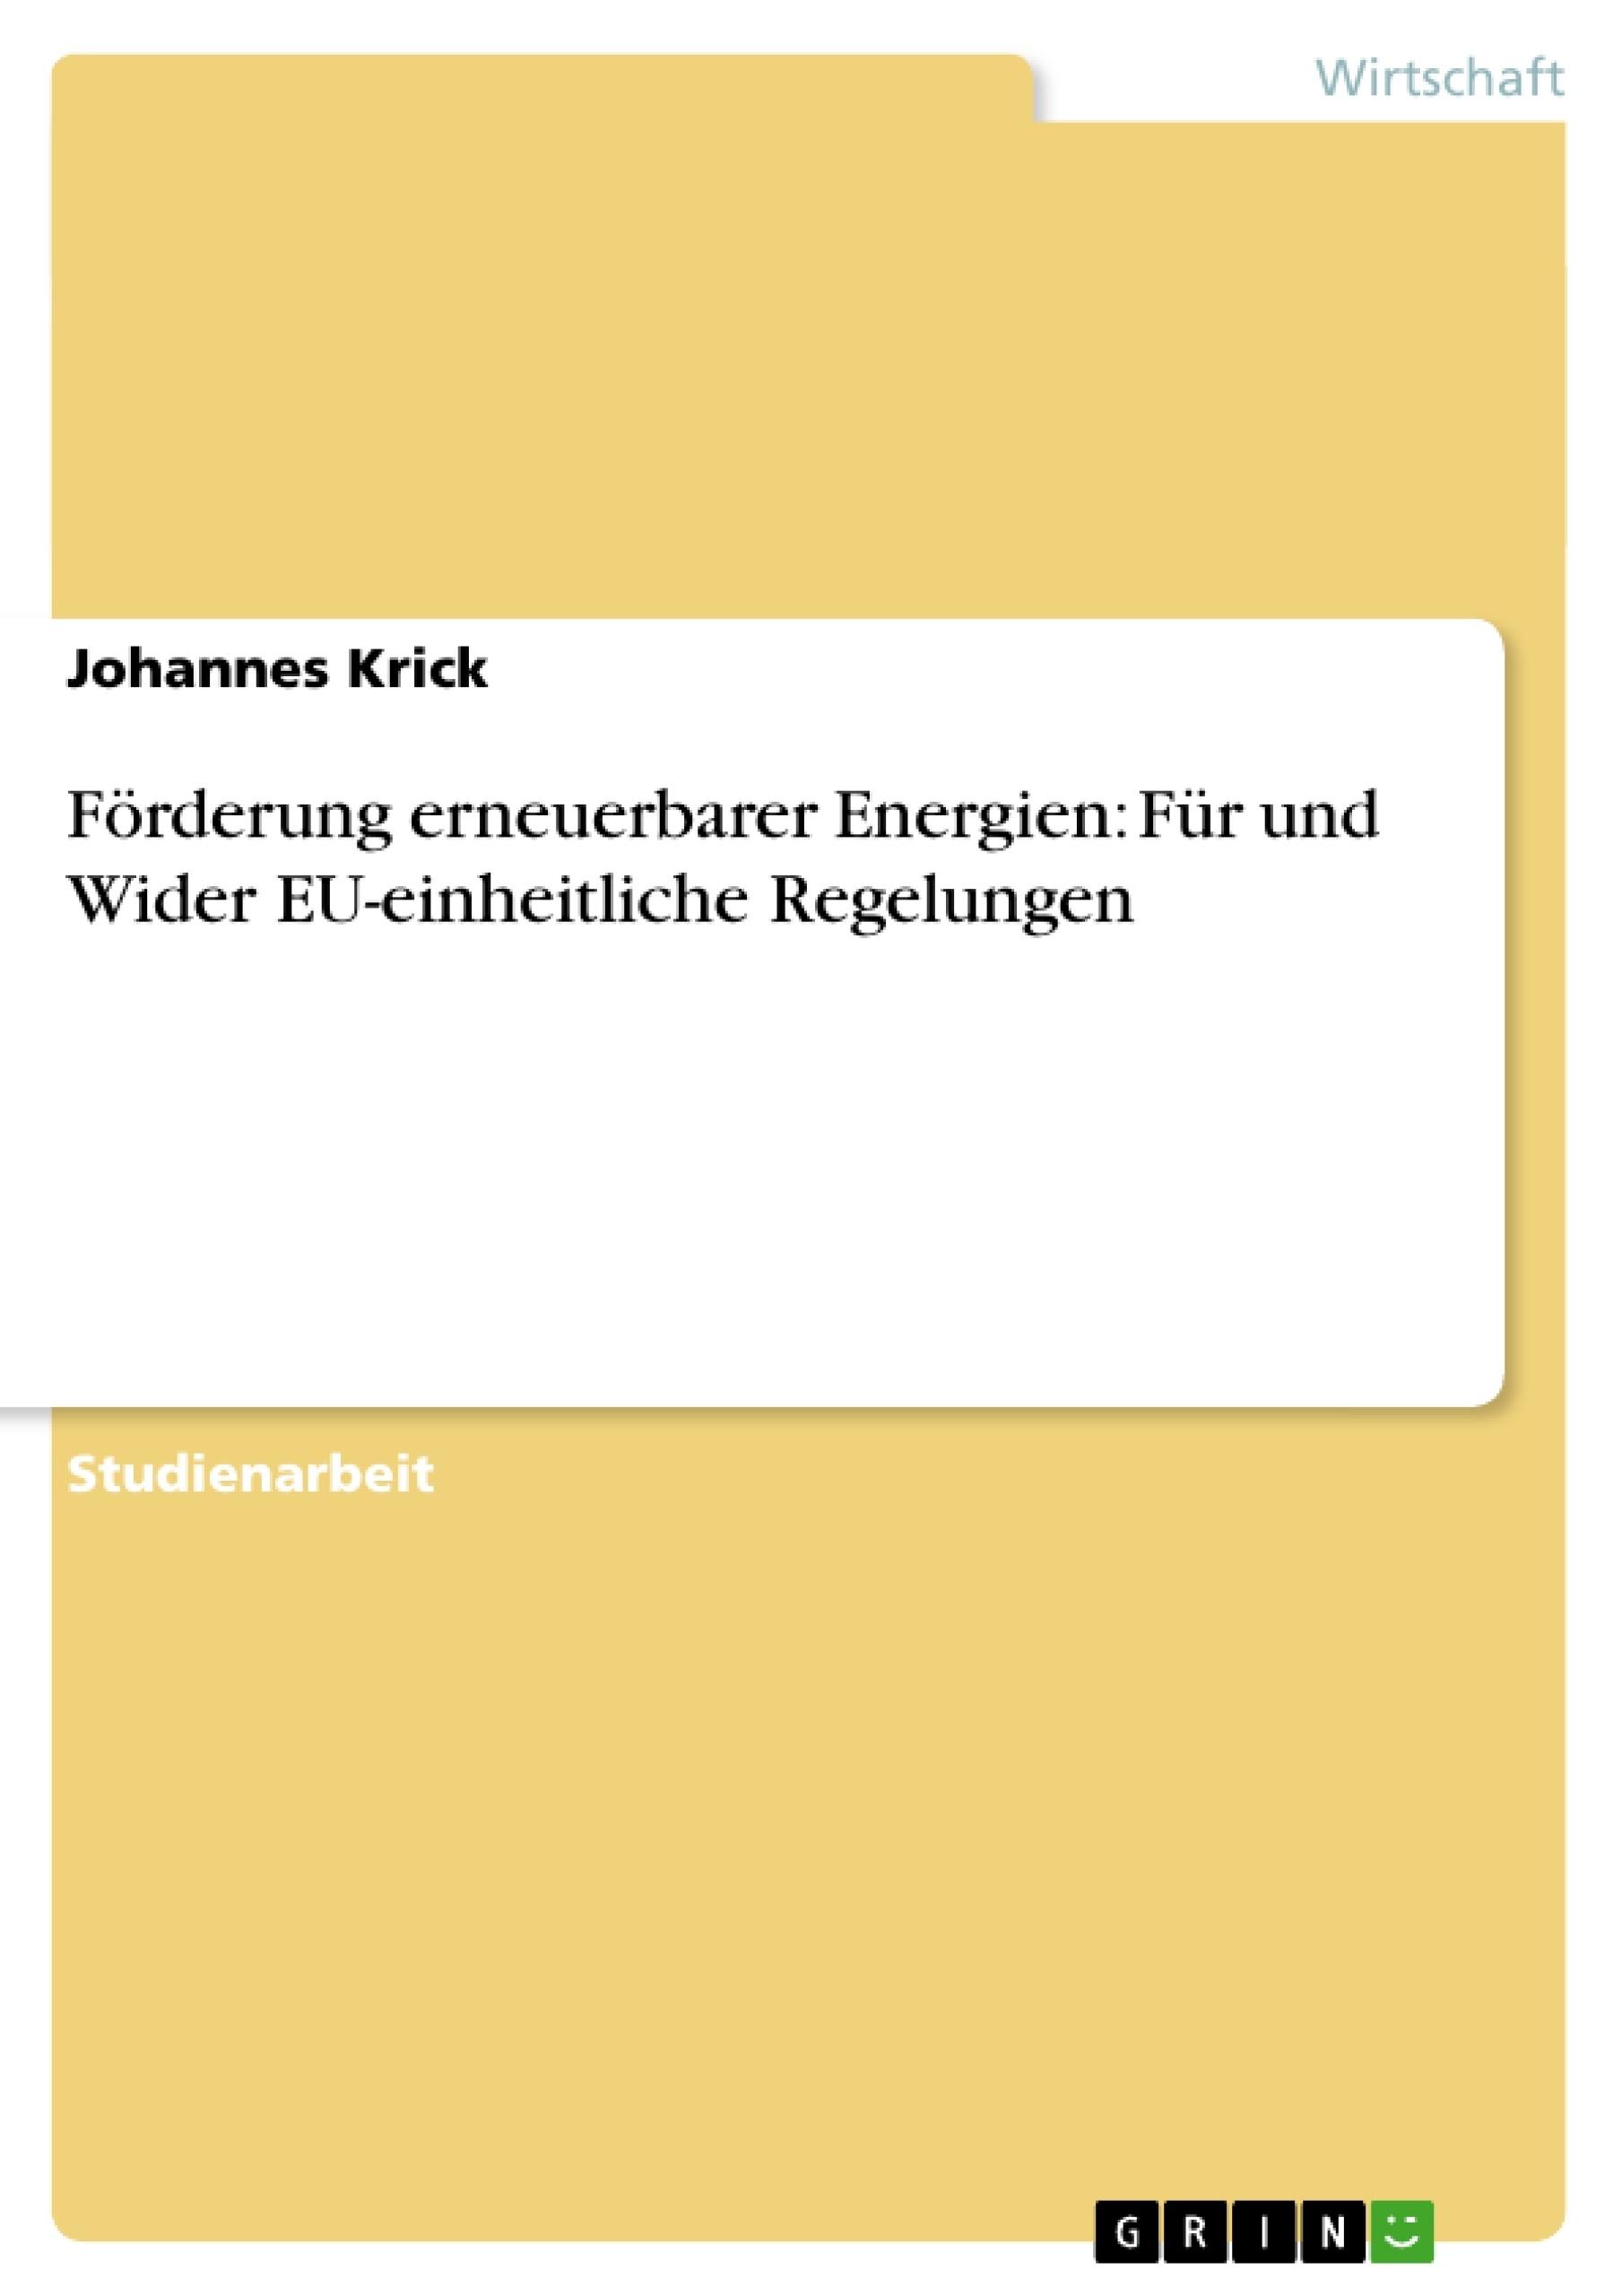 Titel: Förderung erneuerbarer Energien: Für und Wider EU-einheitliche Regelungen